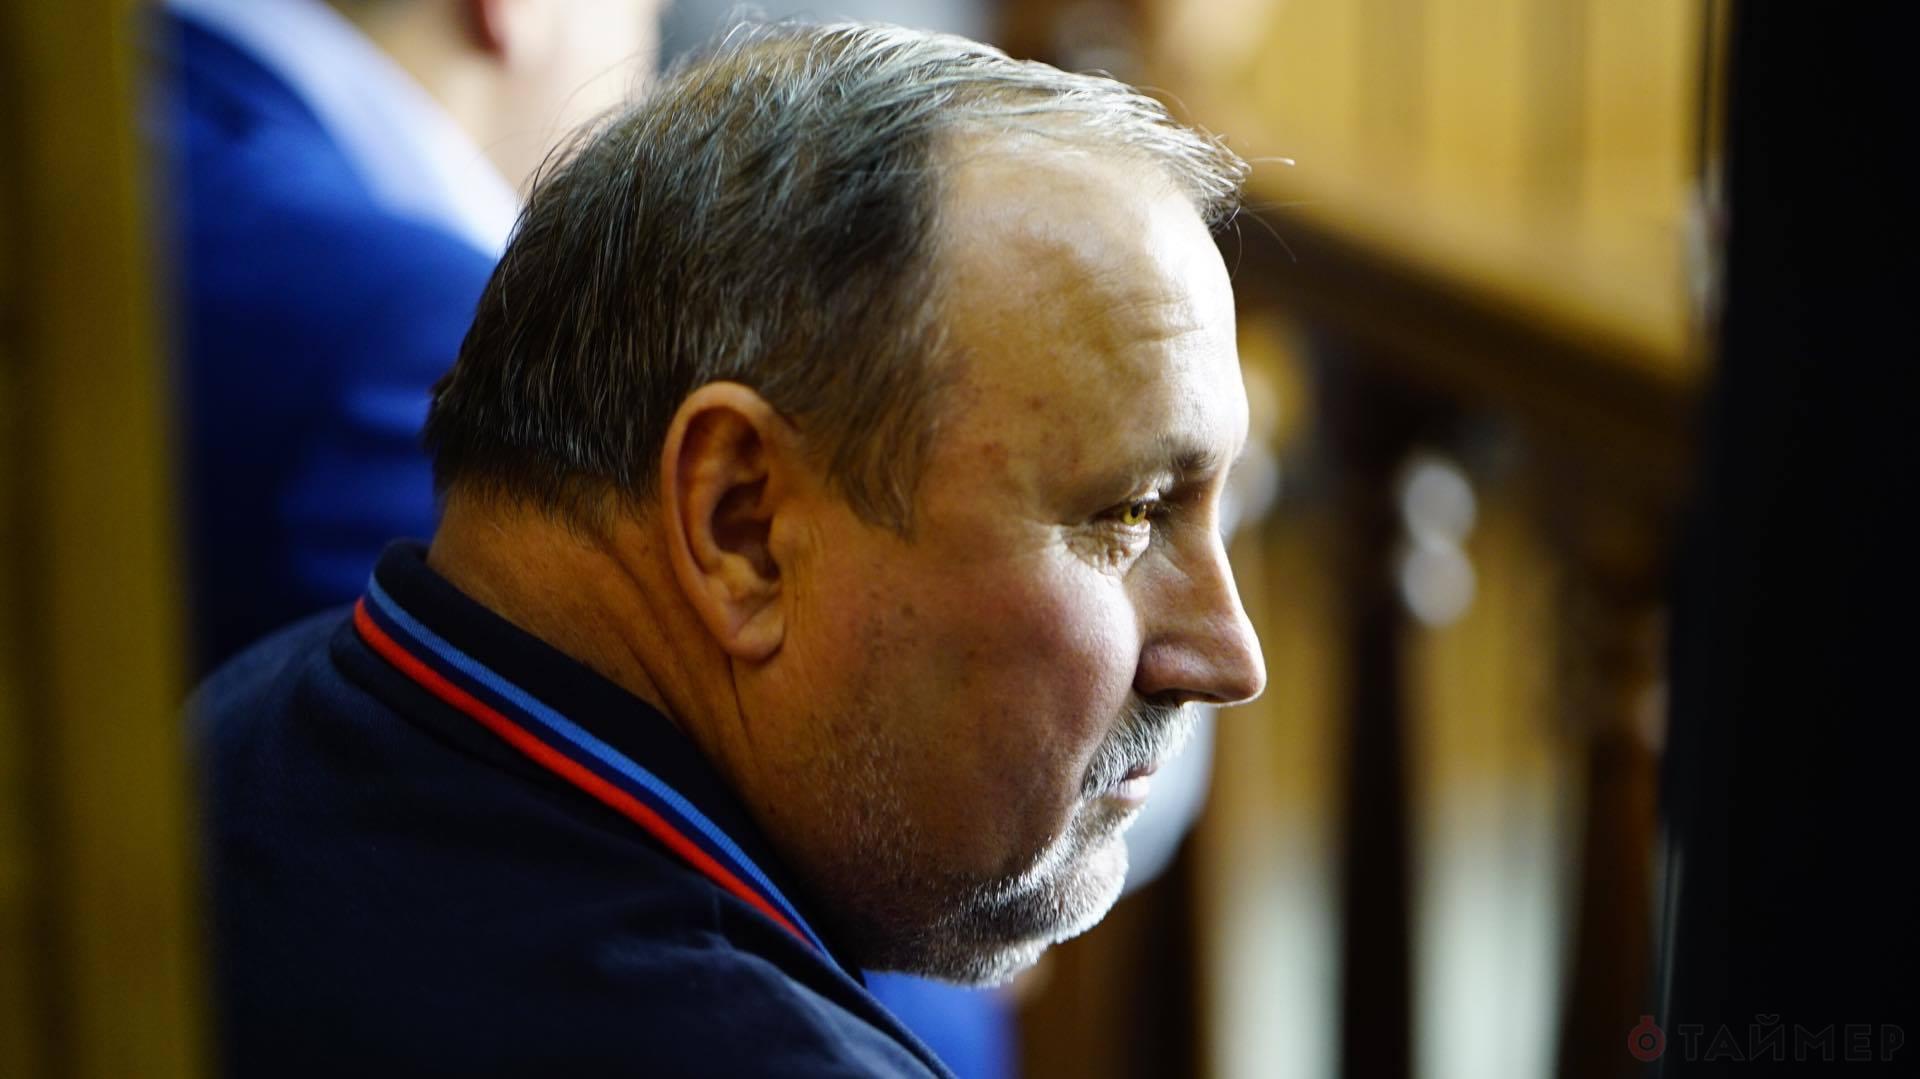 «Это катастрофа»: скандальный замглавы Николаевской ОГА Романчук прокомментировал решение суда